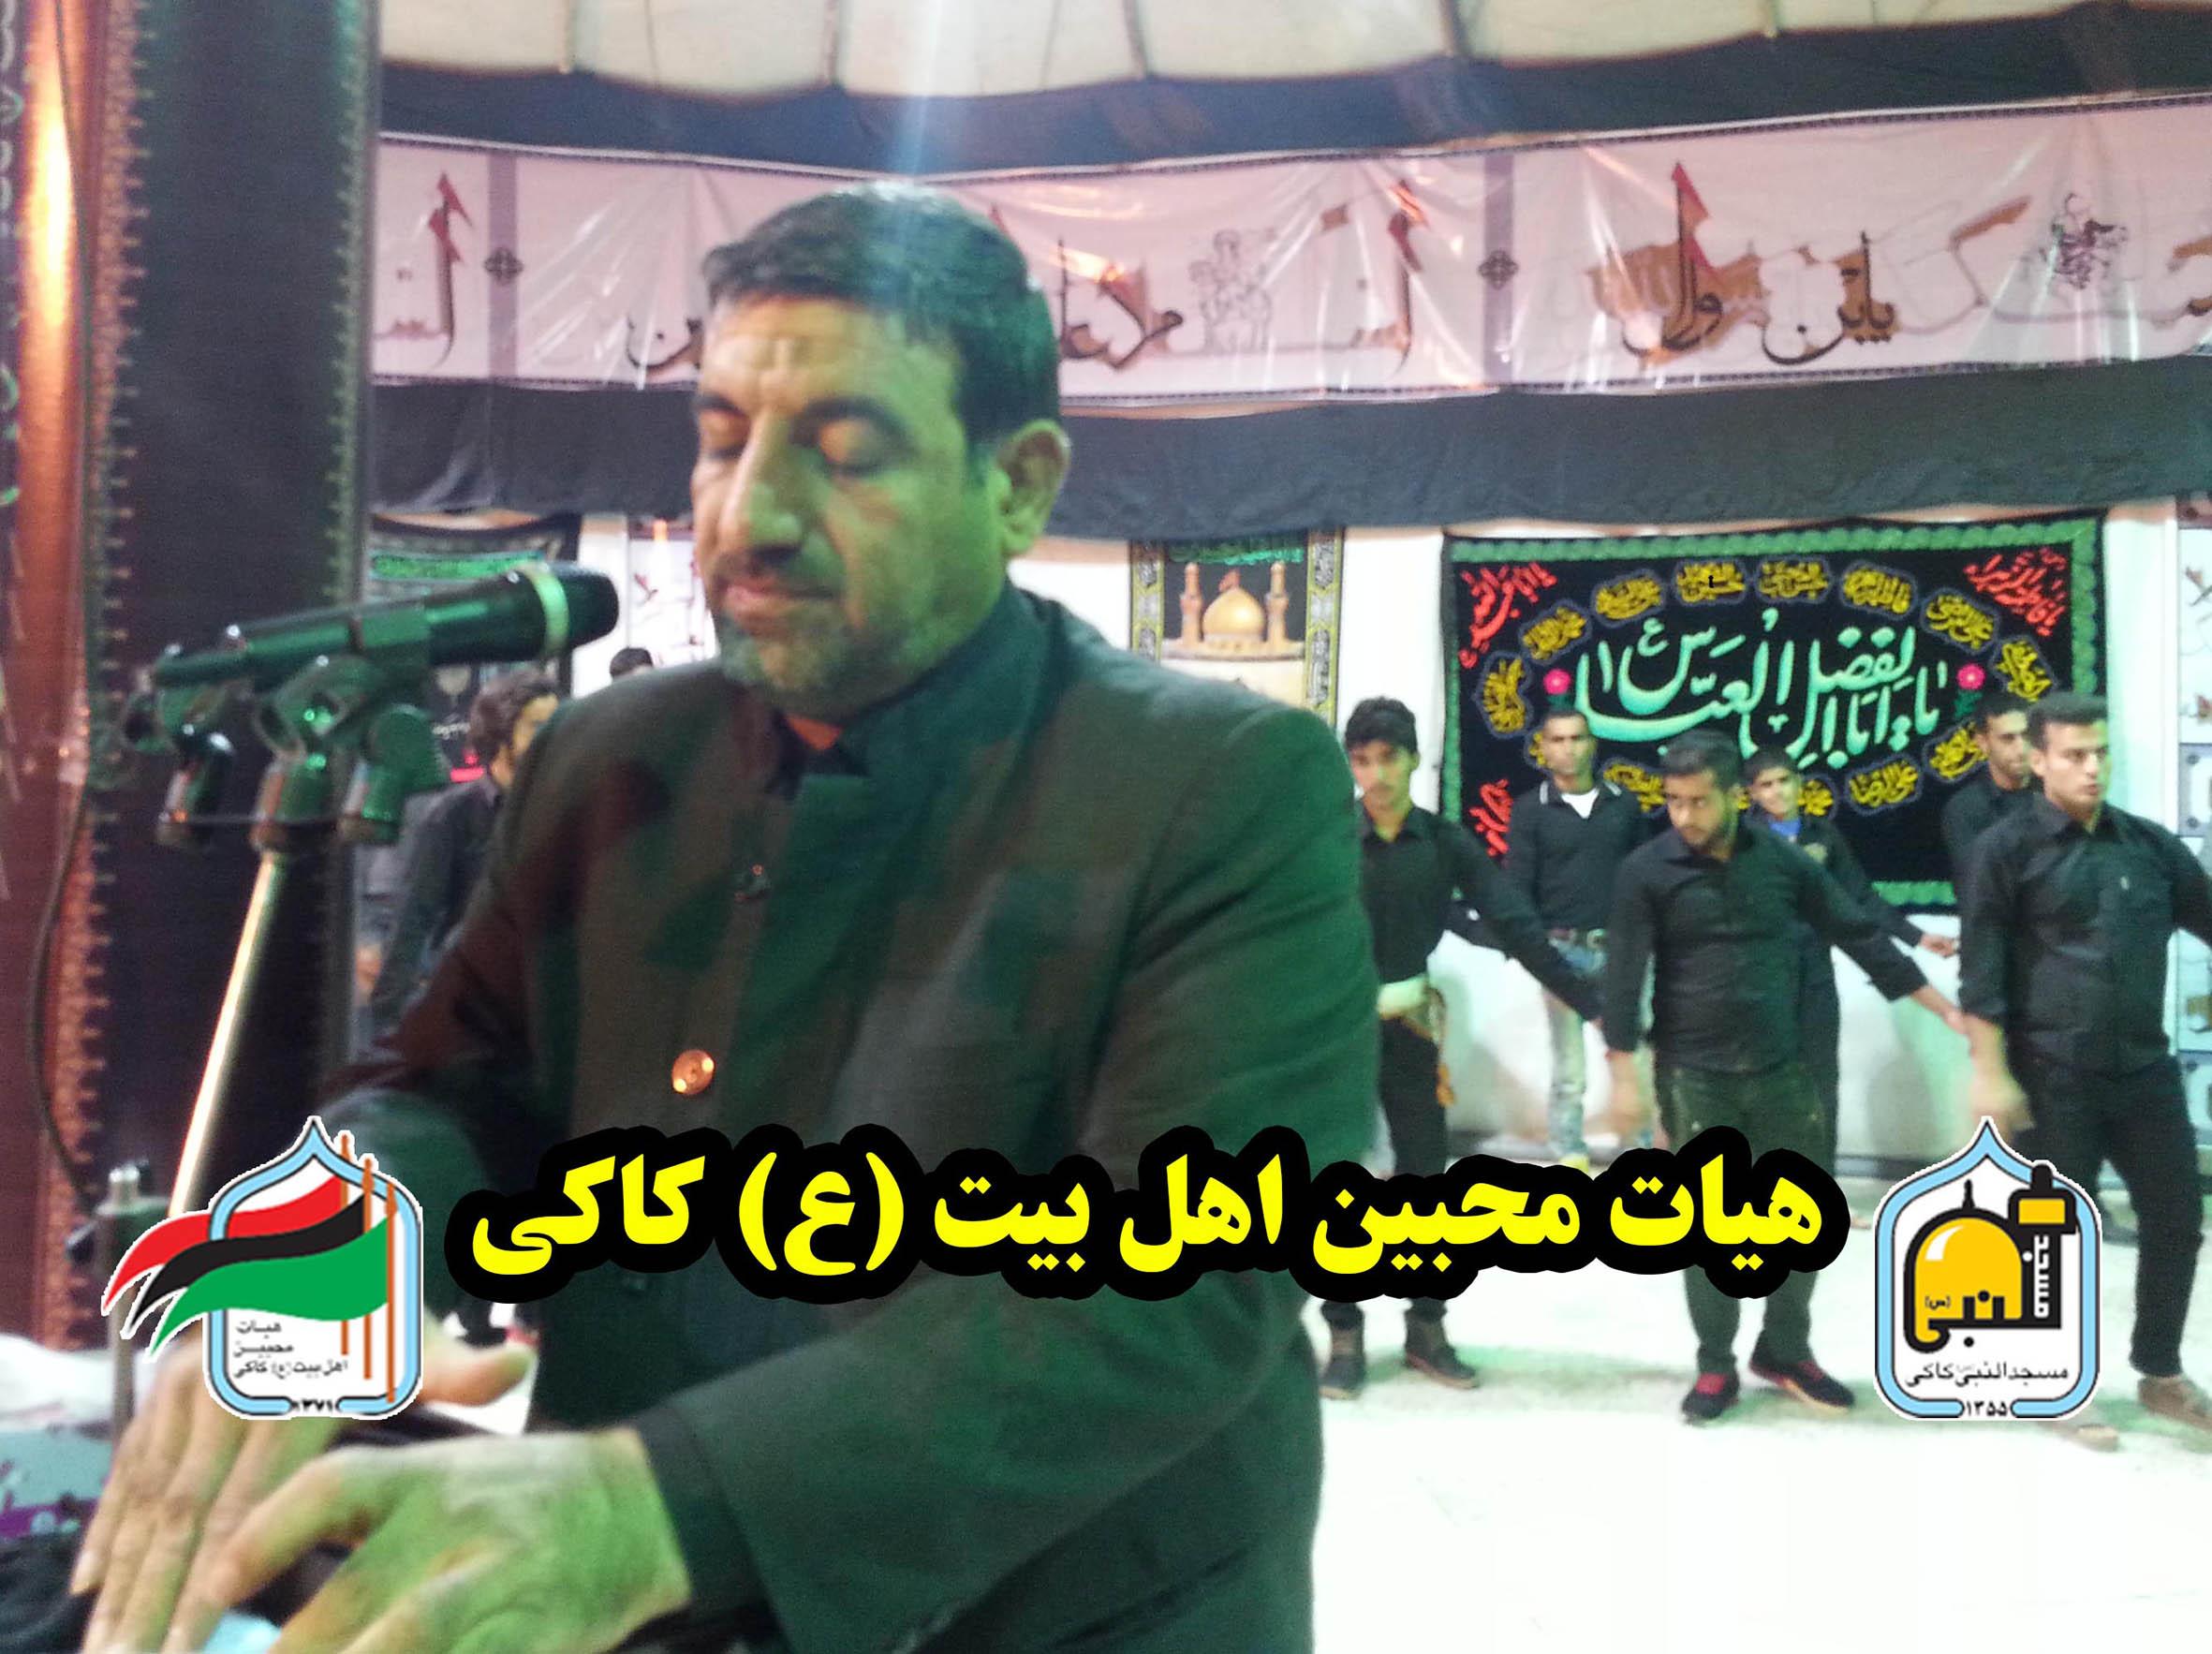 مراسم شب نهم صفر المظفر با نوای کربلایی  حسن توزی